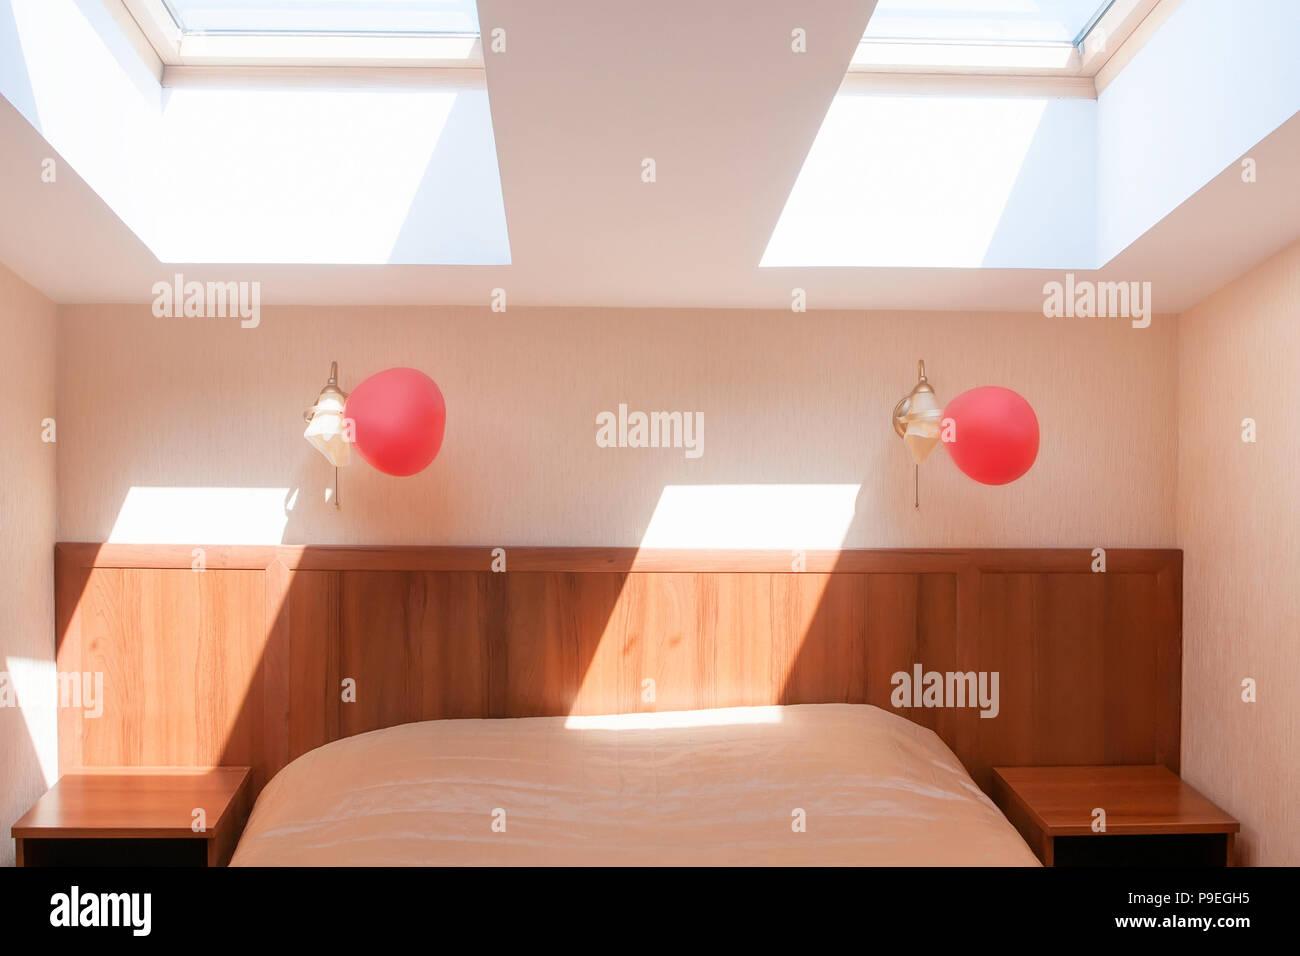 Letto A Soffitto Matrimoniale Design.Luce Chiara Hotel Camera Da Letto Matrimoniale Con Finestre A